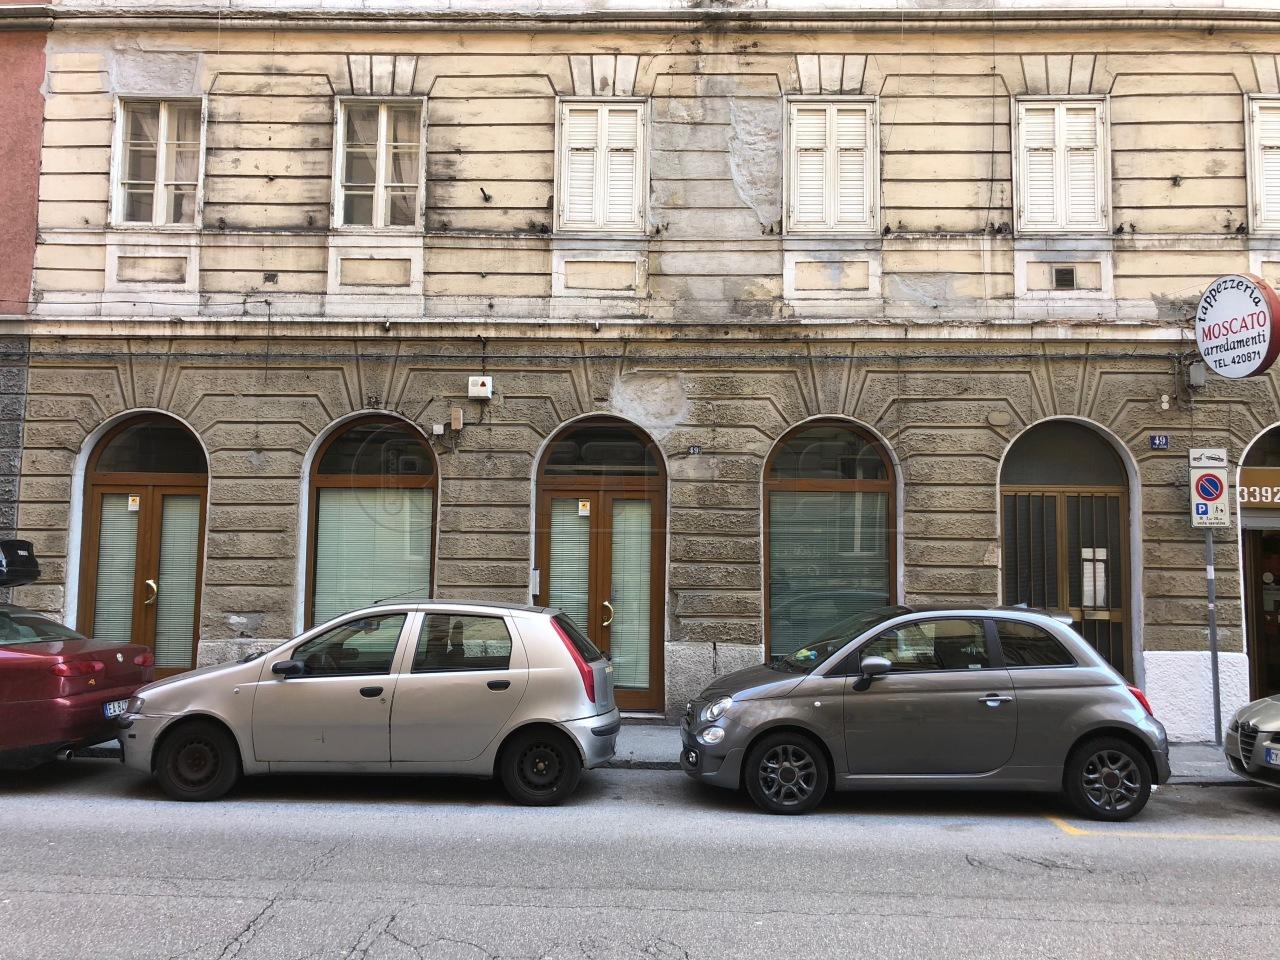 Direzionale - Ufficio a Centro, Trieste Rif. 7399421